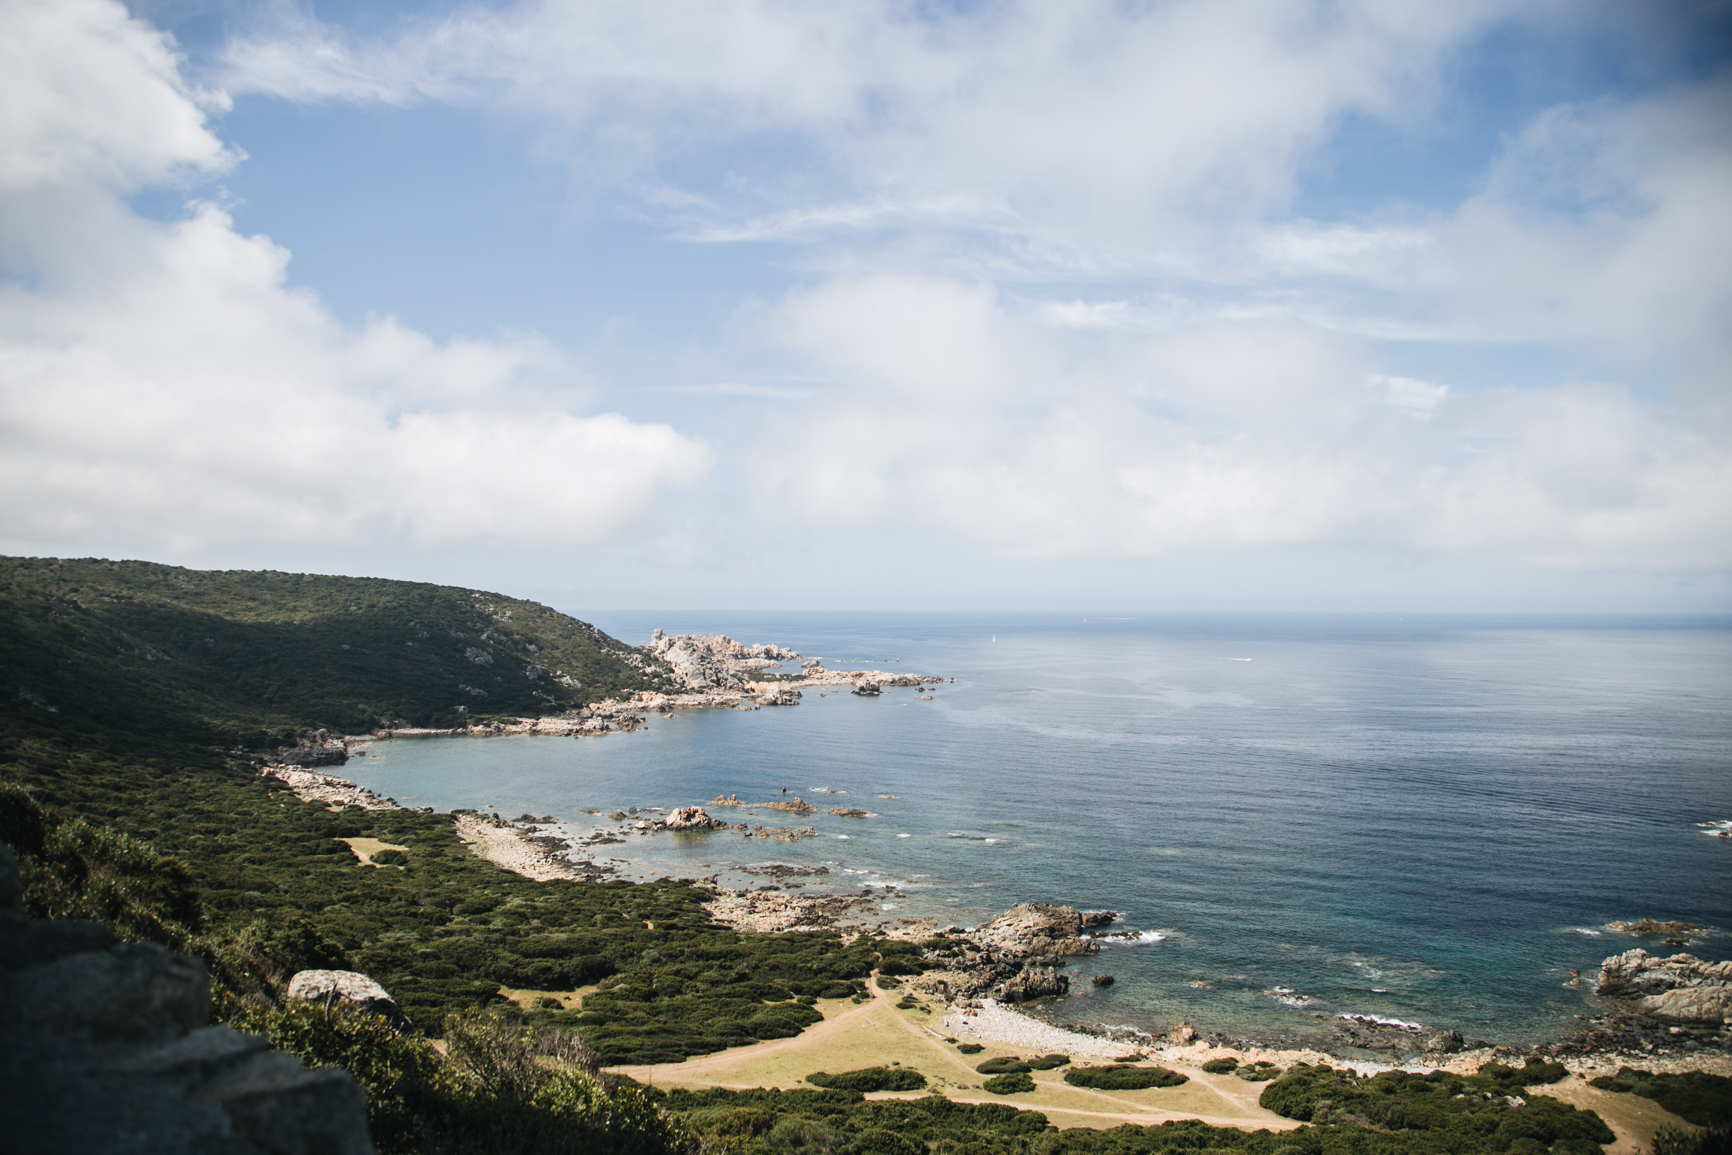 Campomoro-sentier-littoral-blog-voyage-corse-onmyway-2.jpg